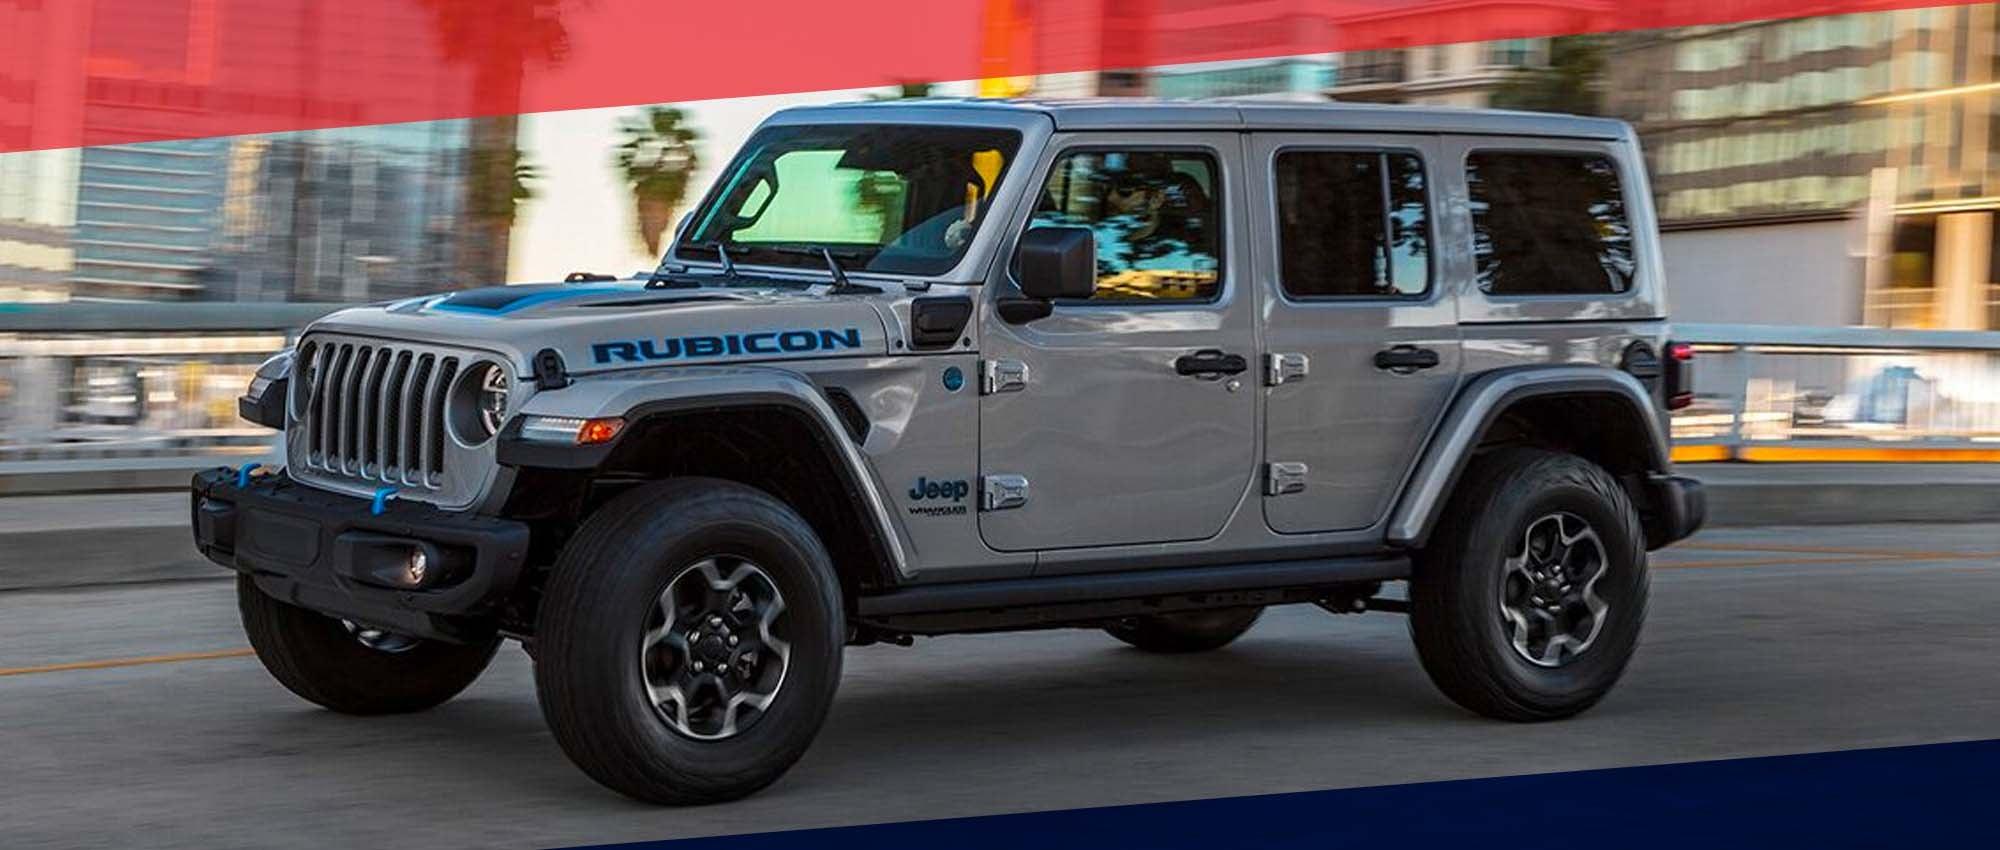 2021 Jeep Wrangler 4xe